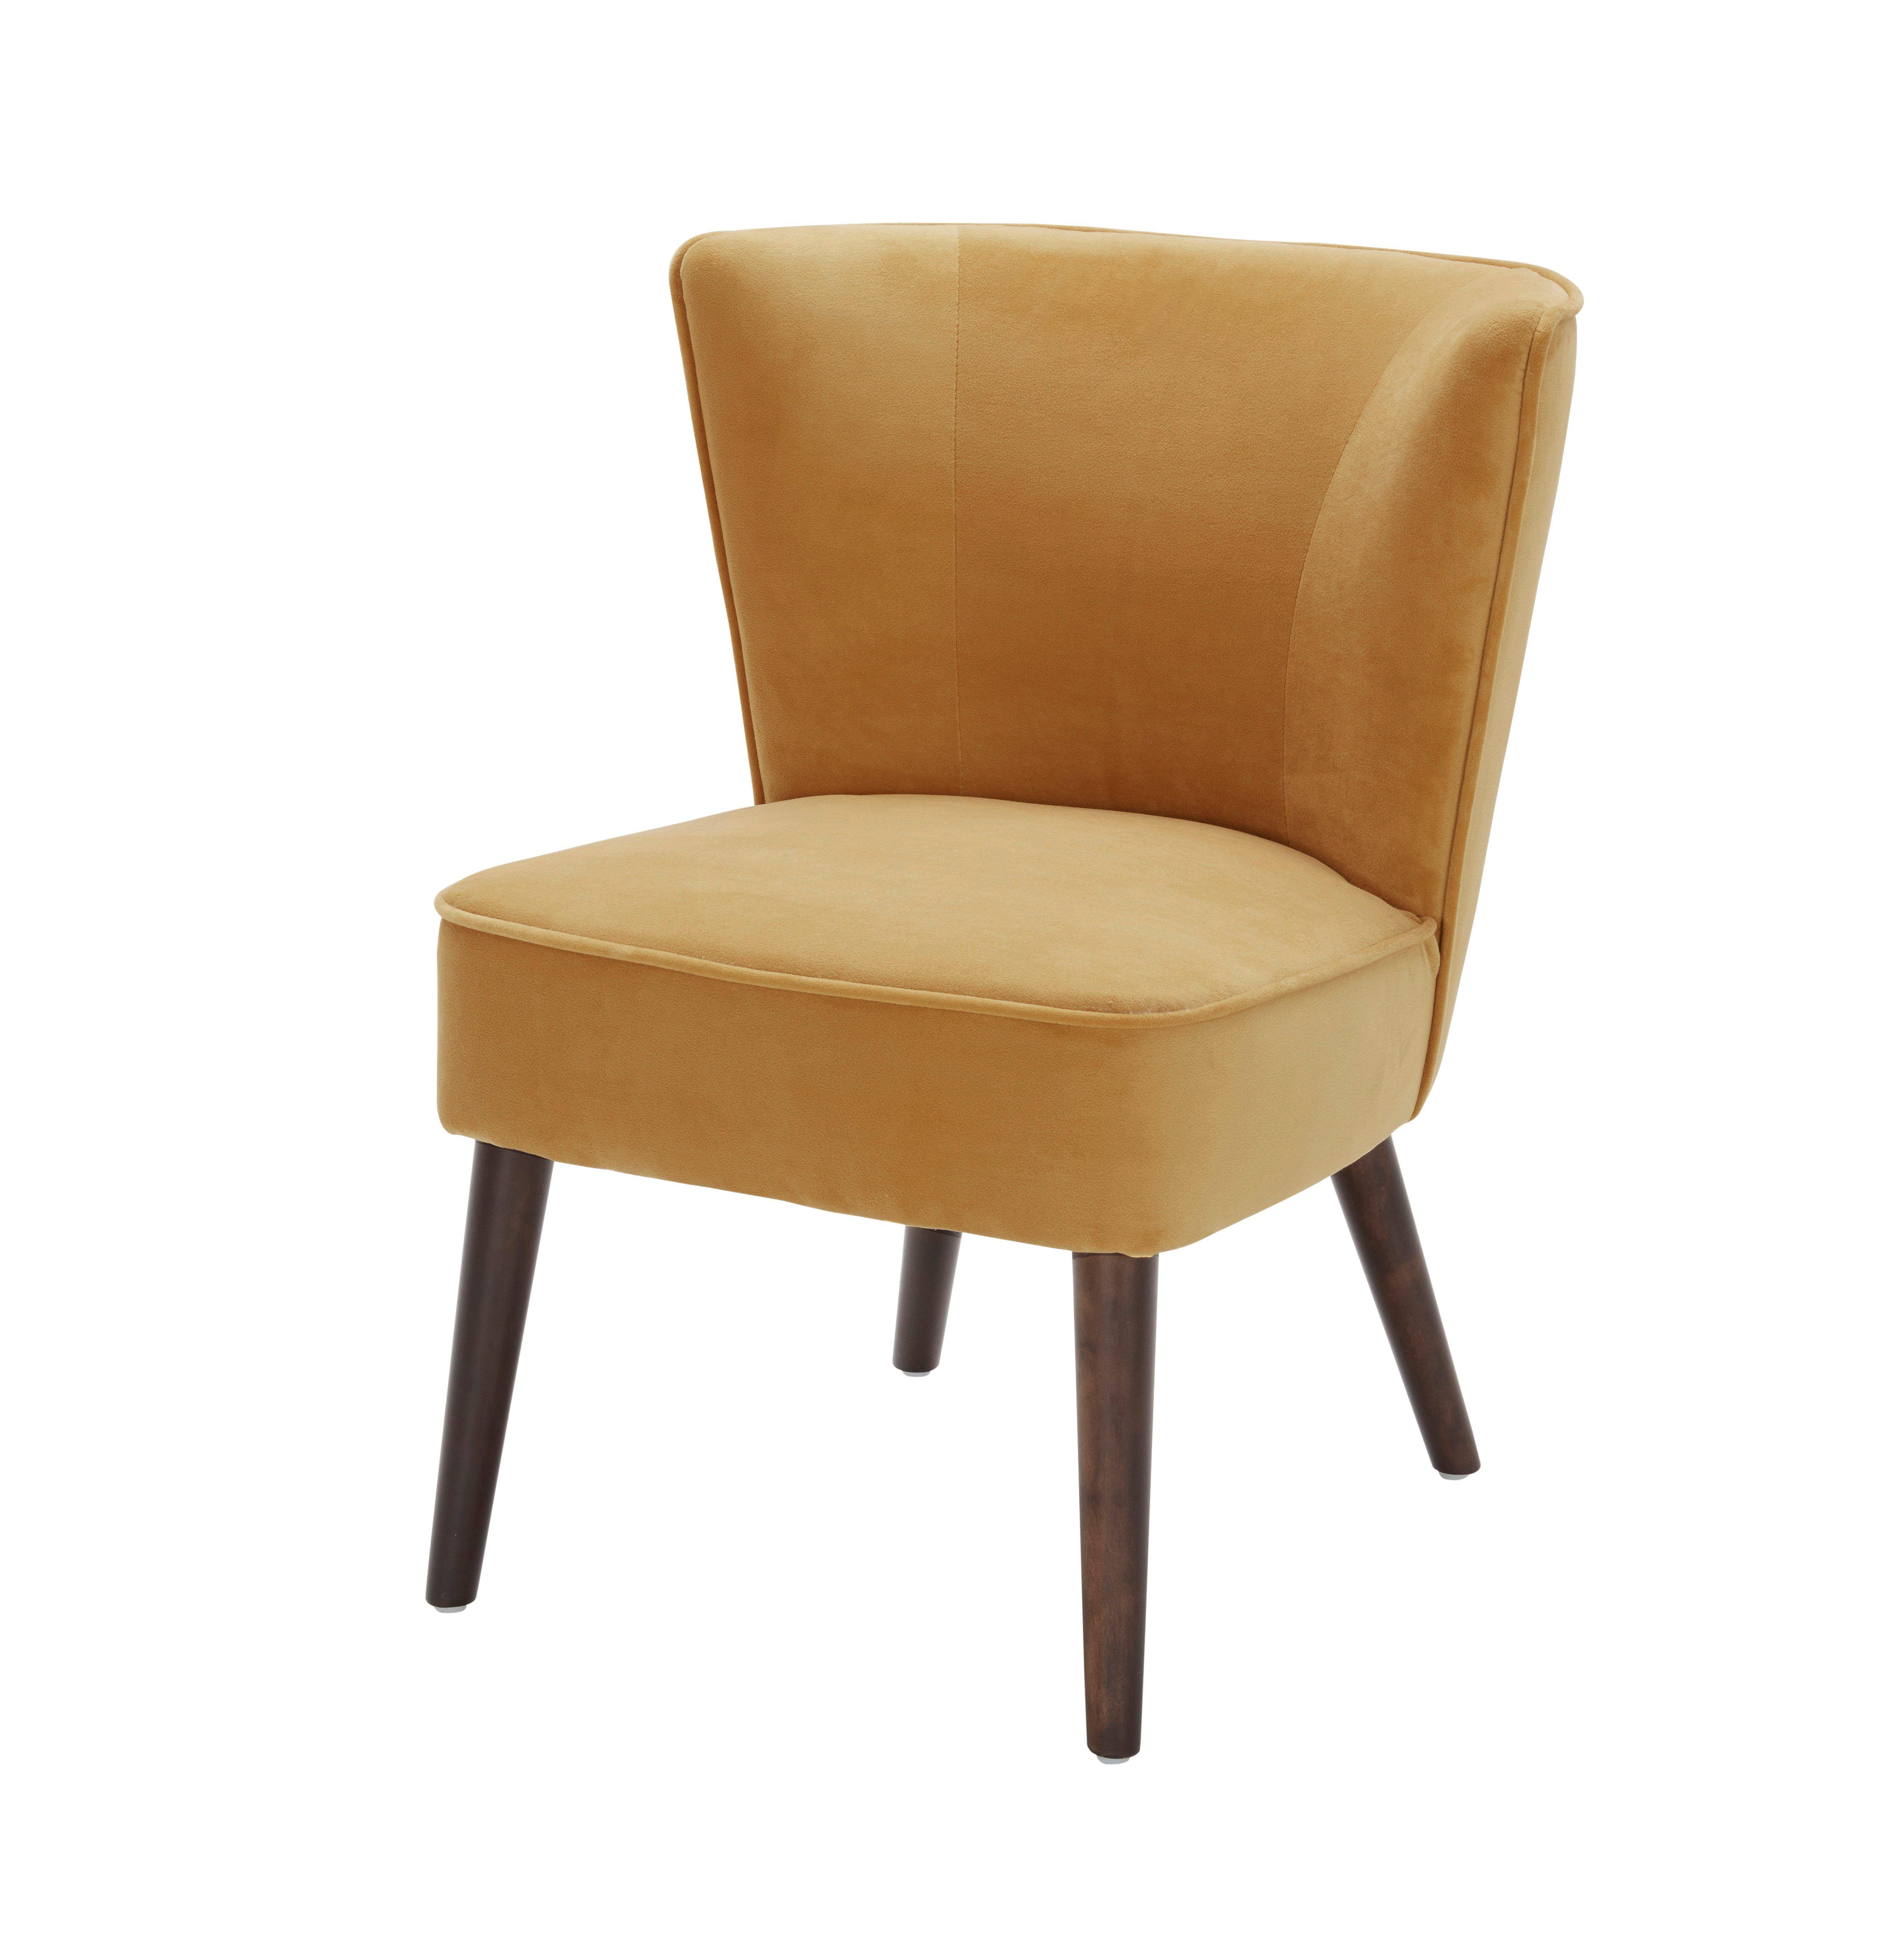 fauteuil harry tissu velours jaune | mix match